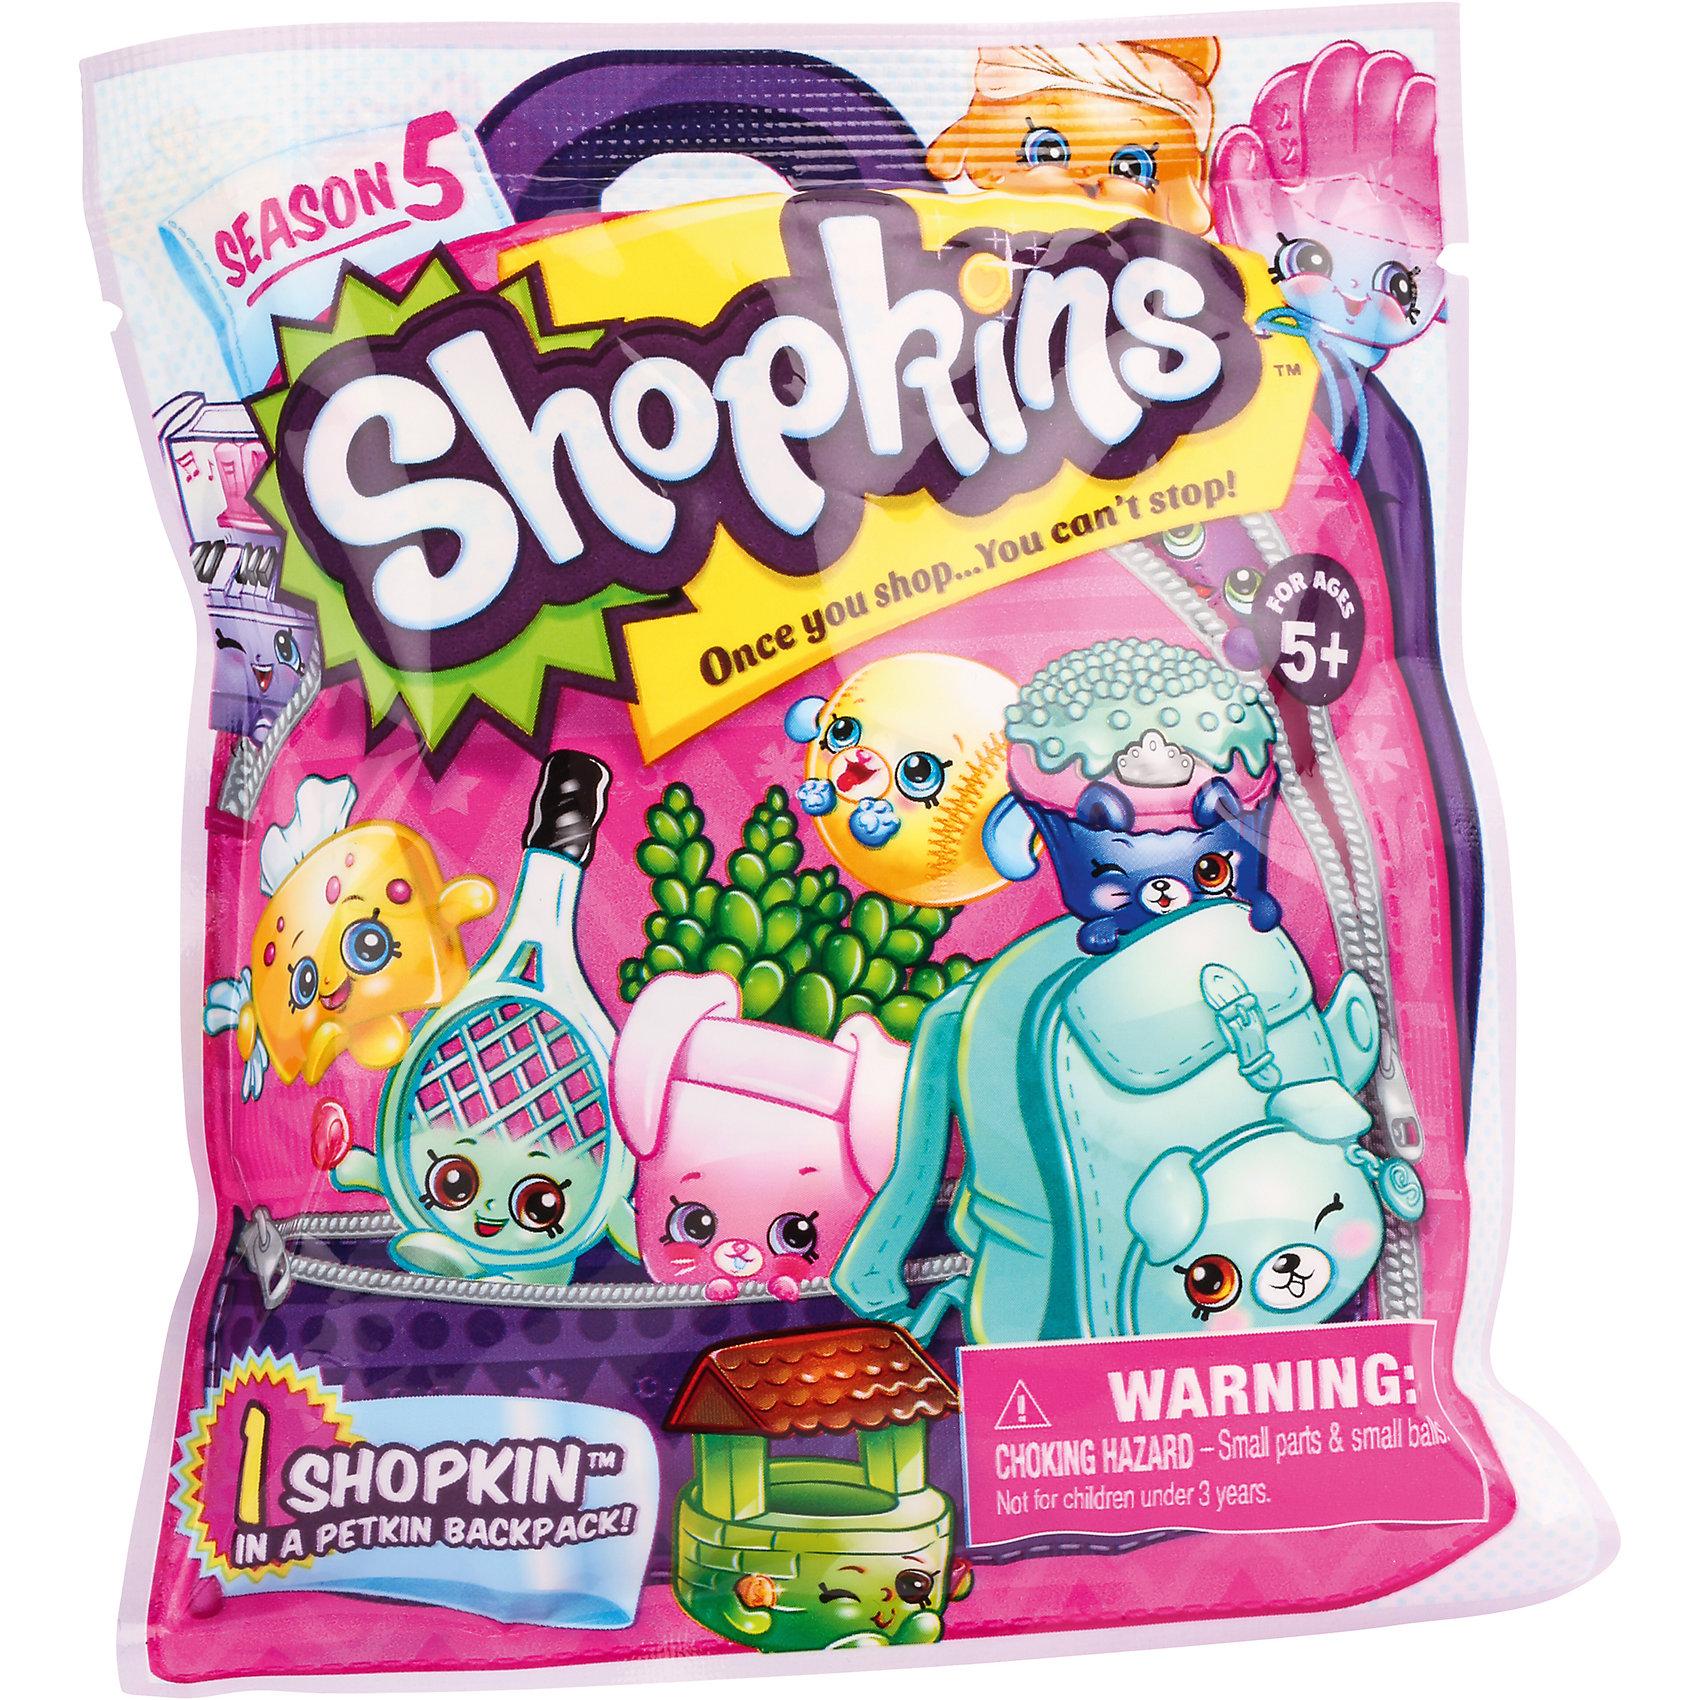 Пакетик с 1 героем, 5 серия, ShopkinsКоллекционные и игровые фигурки<br>Пакетик с 1 героем, 5 серия, Shopkins.<br><br>Характеристики:<br><br>- Комплектация: фигурка, рюкзачок, буклет коллекционера<br>- Цвет: разноцветный<br>- Материал: пластик<br>- Высота: 3 см.<br><br>Любителей Shopkins порадует возможность собрать целую коллекцию из персонажей! Герои продаются в непрозрачном пакете, поэтому заранее угадать - кто попадется, невозможно. В этот раз линейка забавных фигурок посвящена кондитерским изделиям и кухонным принадлежностям. Хотя здесь нашлось место персонажам и из других отделов магазина. Обновился и аксессуар для хранения или переноски фигурок. Теперь это рюкзачок Петкинс. Набор изготовлен из высококачественных материалов и соответствует стандартам безопасности. Игрушка имеет компактный размер, поэтому может сопровождать своего владельца в дороге или на прогулках!<br><br>Пакетик с 1 героем, 5 серия, Shopkins можно купить в нашем интернет-магазине.<br><br>Ширина мм: 105<br>Глубина мм: 30<br>Высота мм: 120<br>Вес г: 21<br>Возраст от месяцев: 60<br>Возраст до месяцев: 120<br>Пол: Женский<br>Возраст: Детский<br>SKU: 5255829